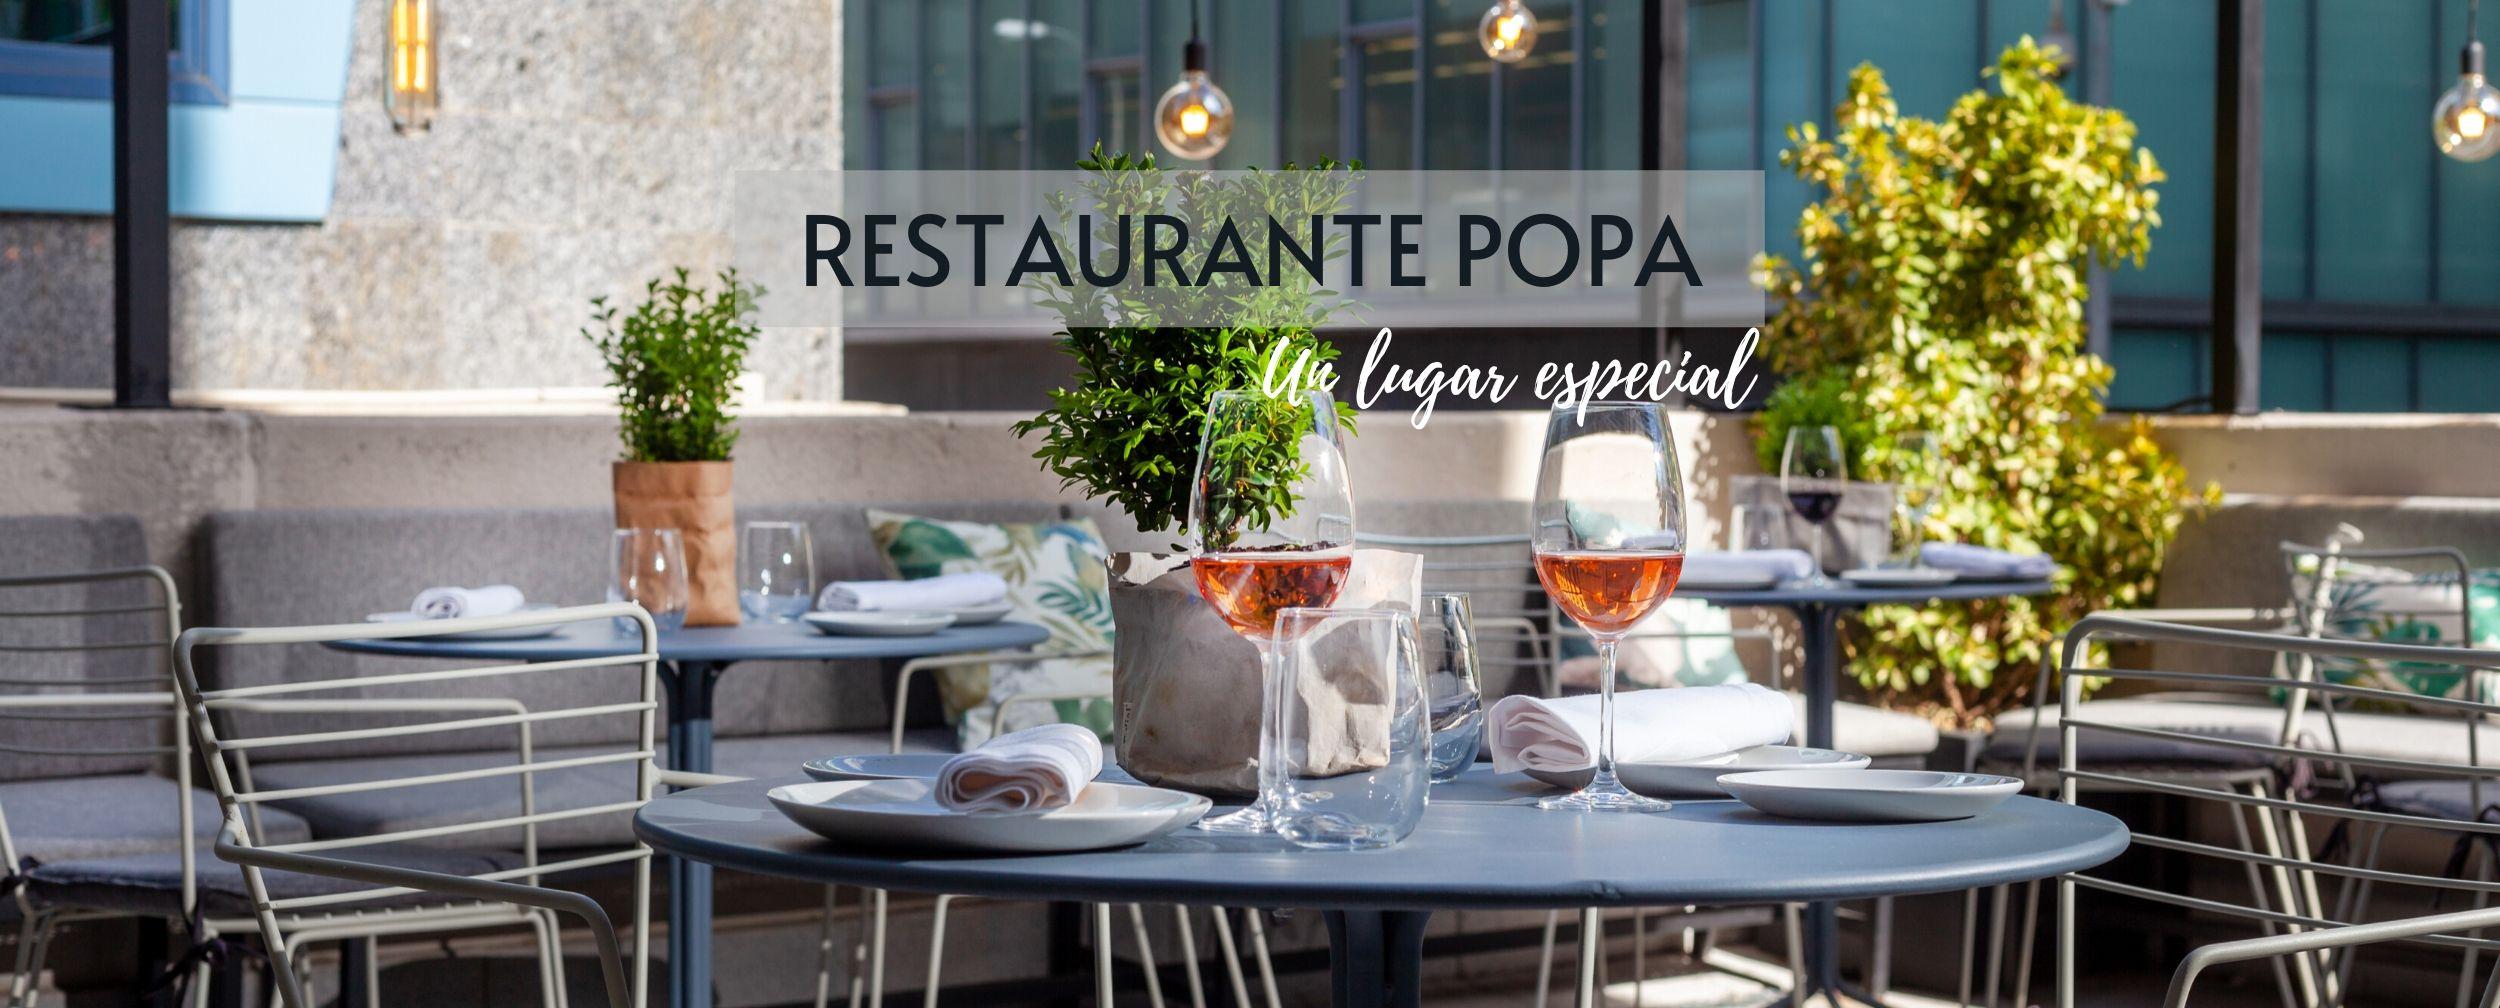 restaurante popa un lugar especial